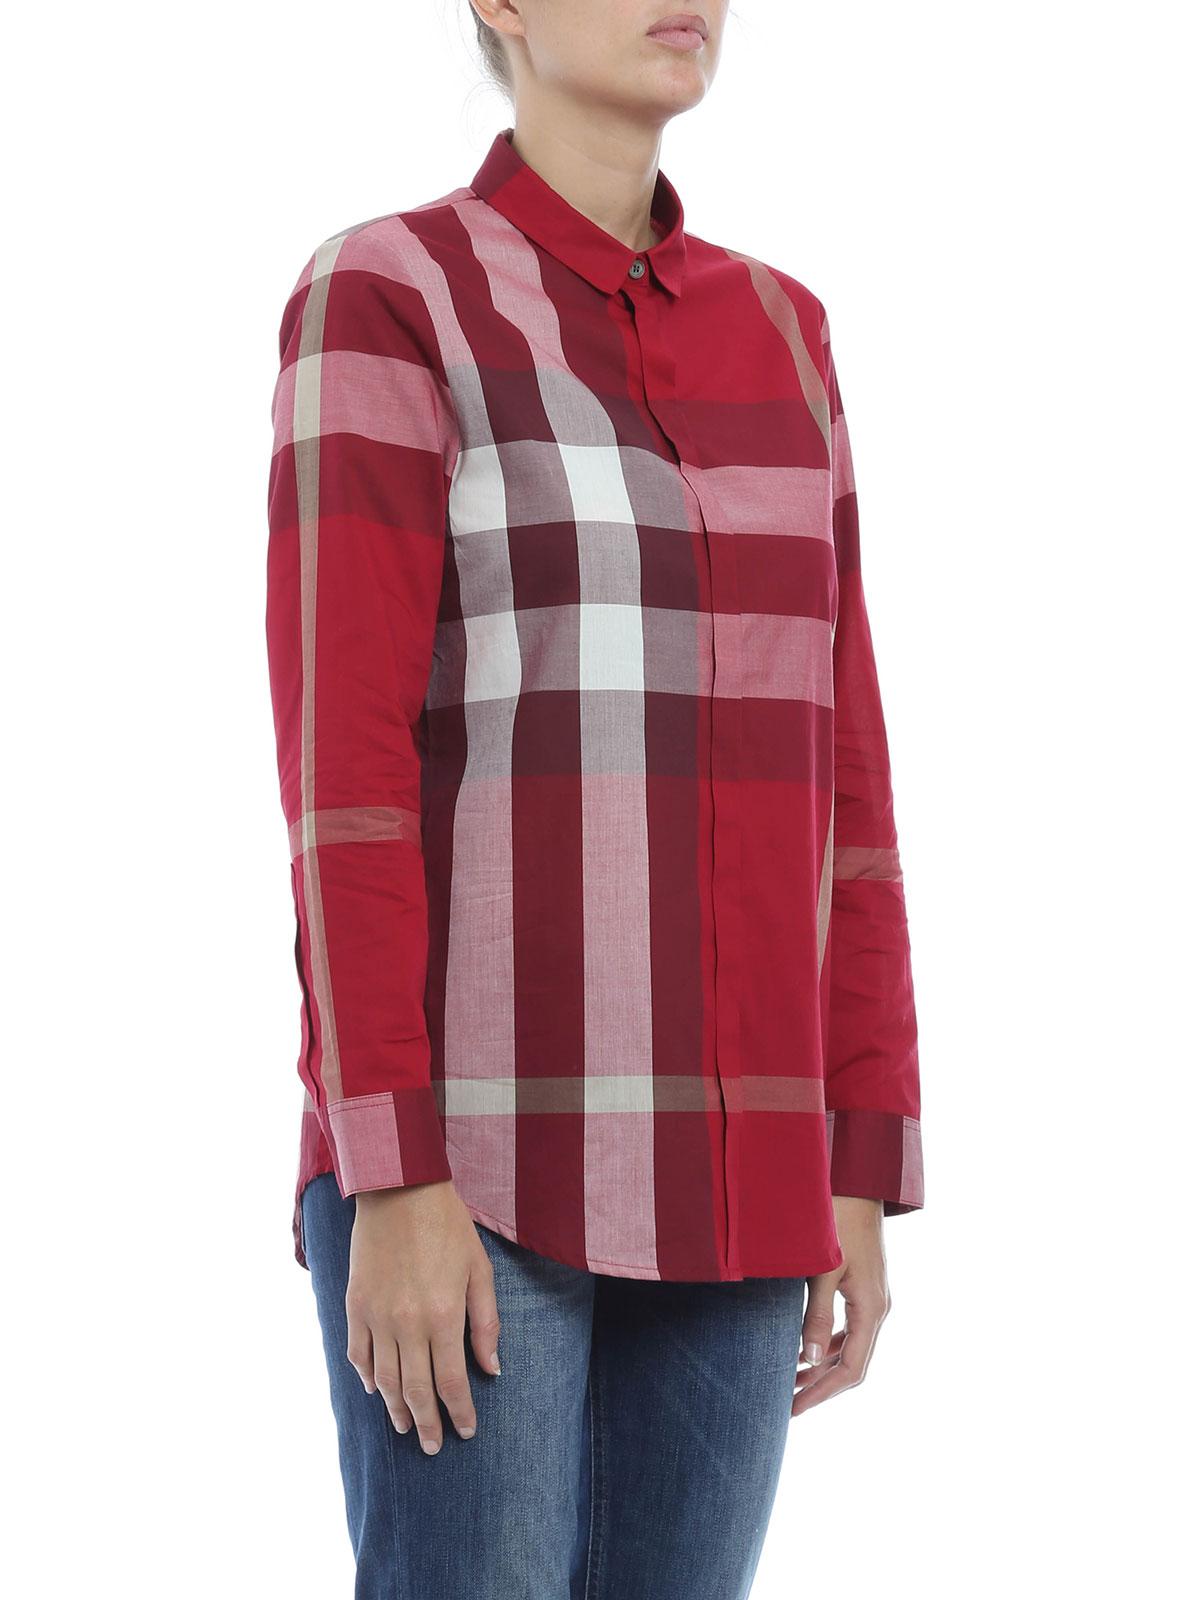 Burberry - Chemise Rouge Pour Femme - Chemises - 3990039   iKRIX.com 3c10983a7f7